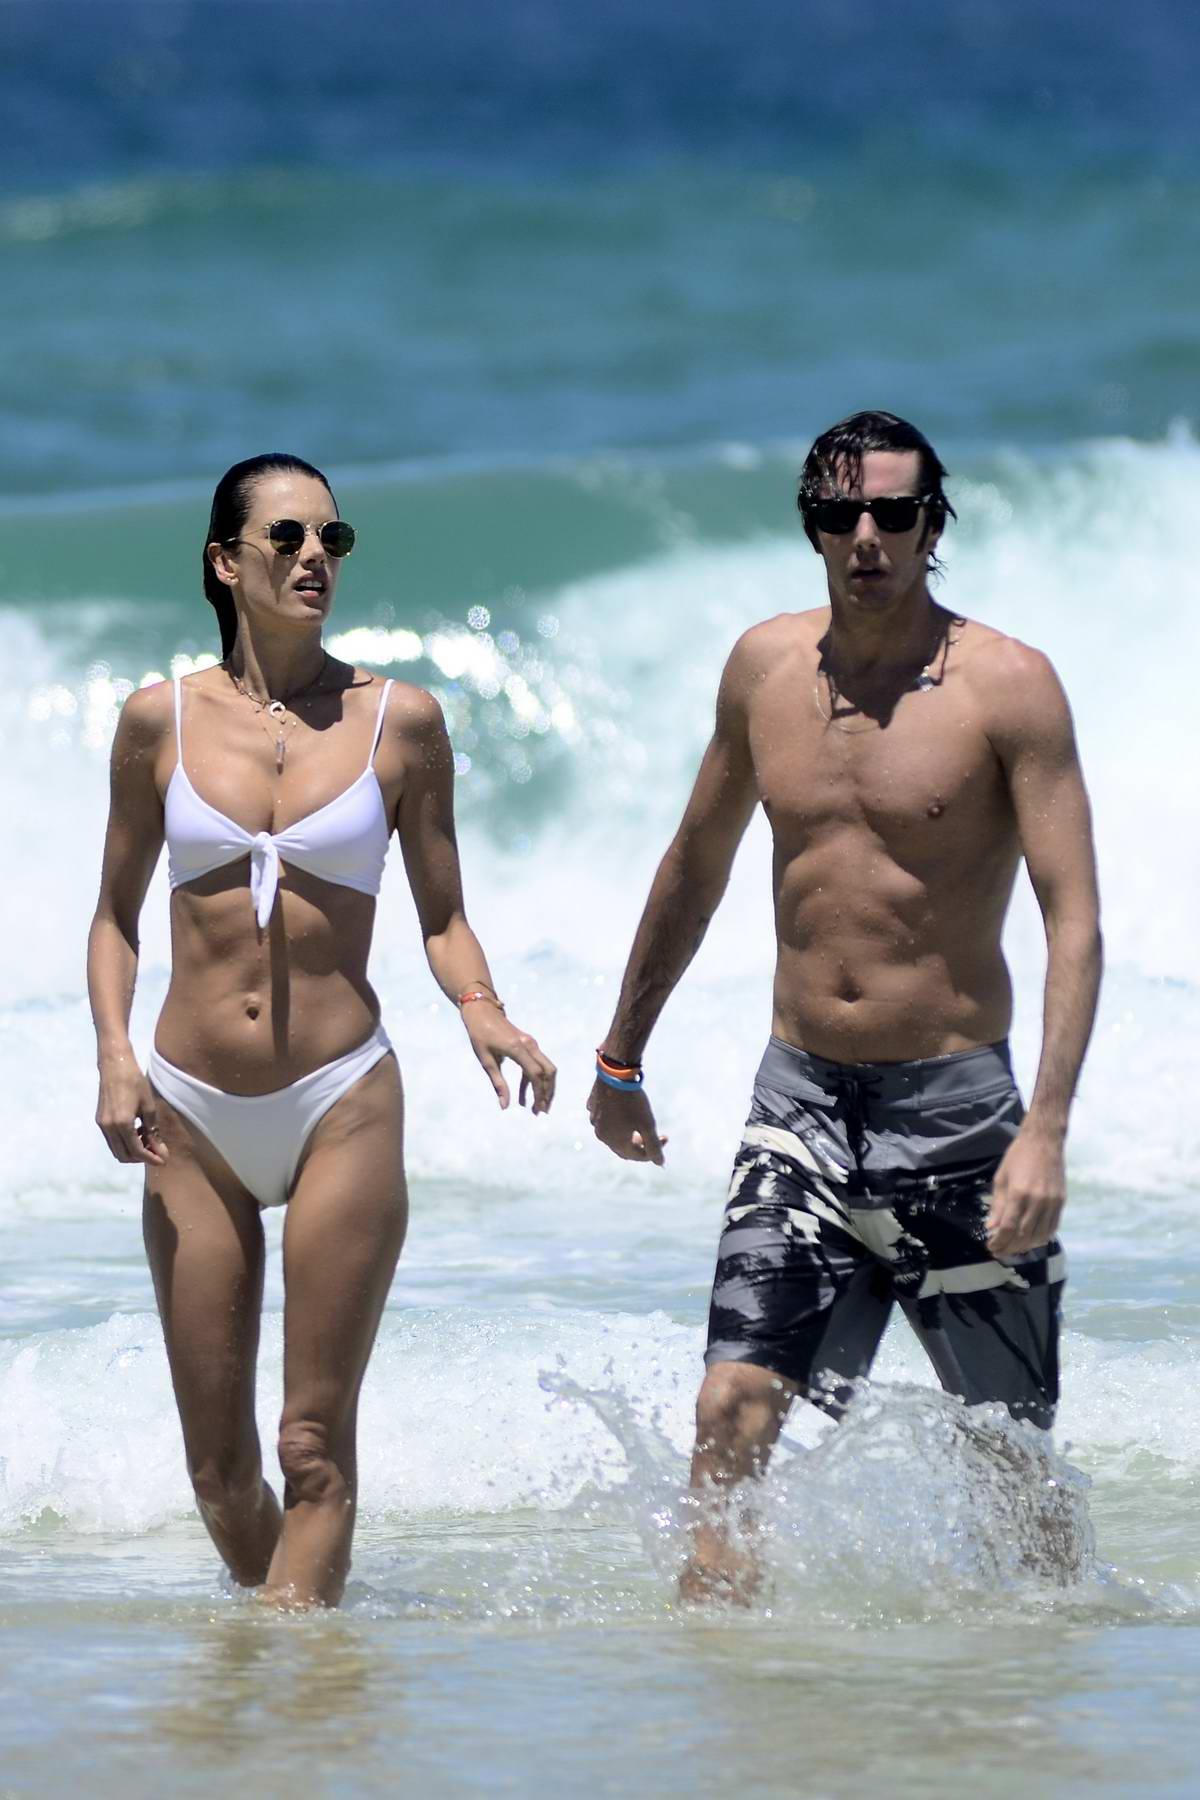 Alessandra Ambrosio rocks a white bikini as she goes for a swim with boyfriend Nicolo Oddi in Rio de Janeiro, Brazil